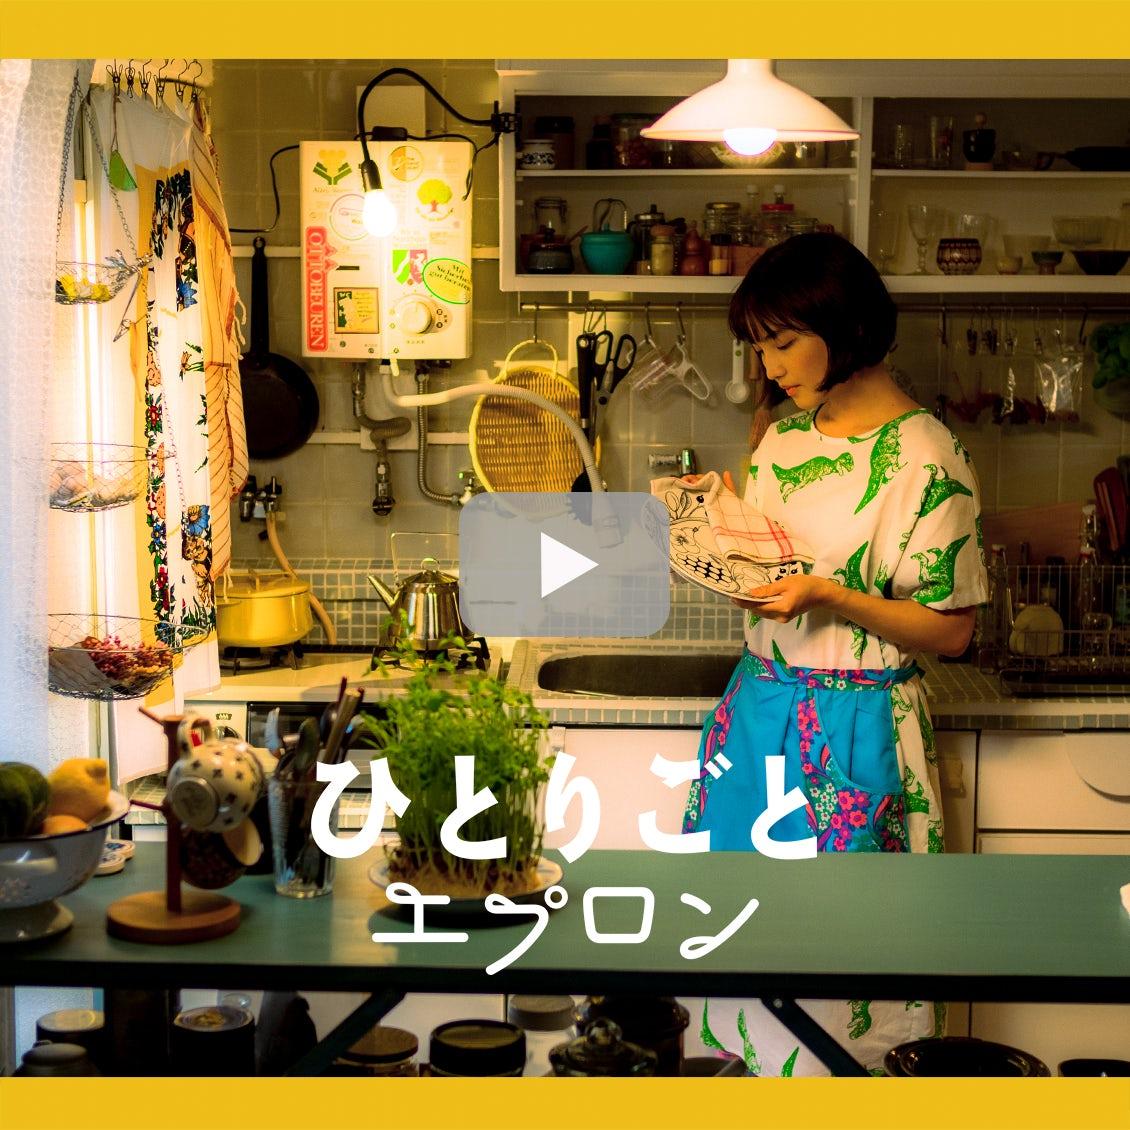 【ドラマ最新話】『ひとりごとエプロン』第6話は、友情と節約ごはんのストーリー